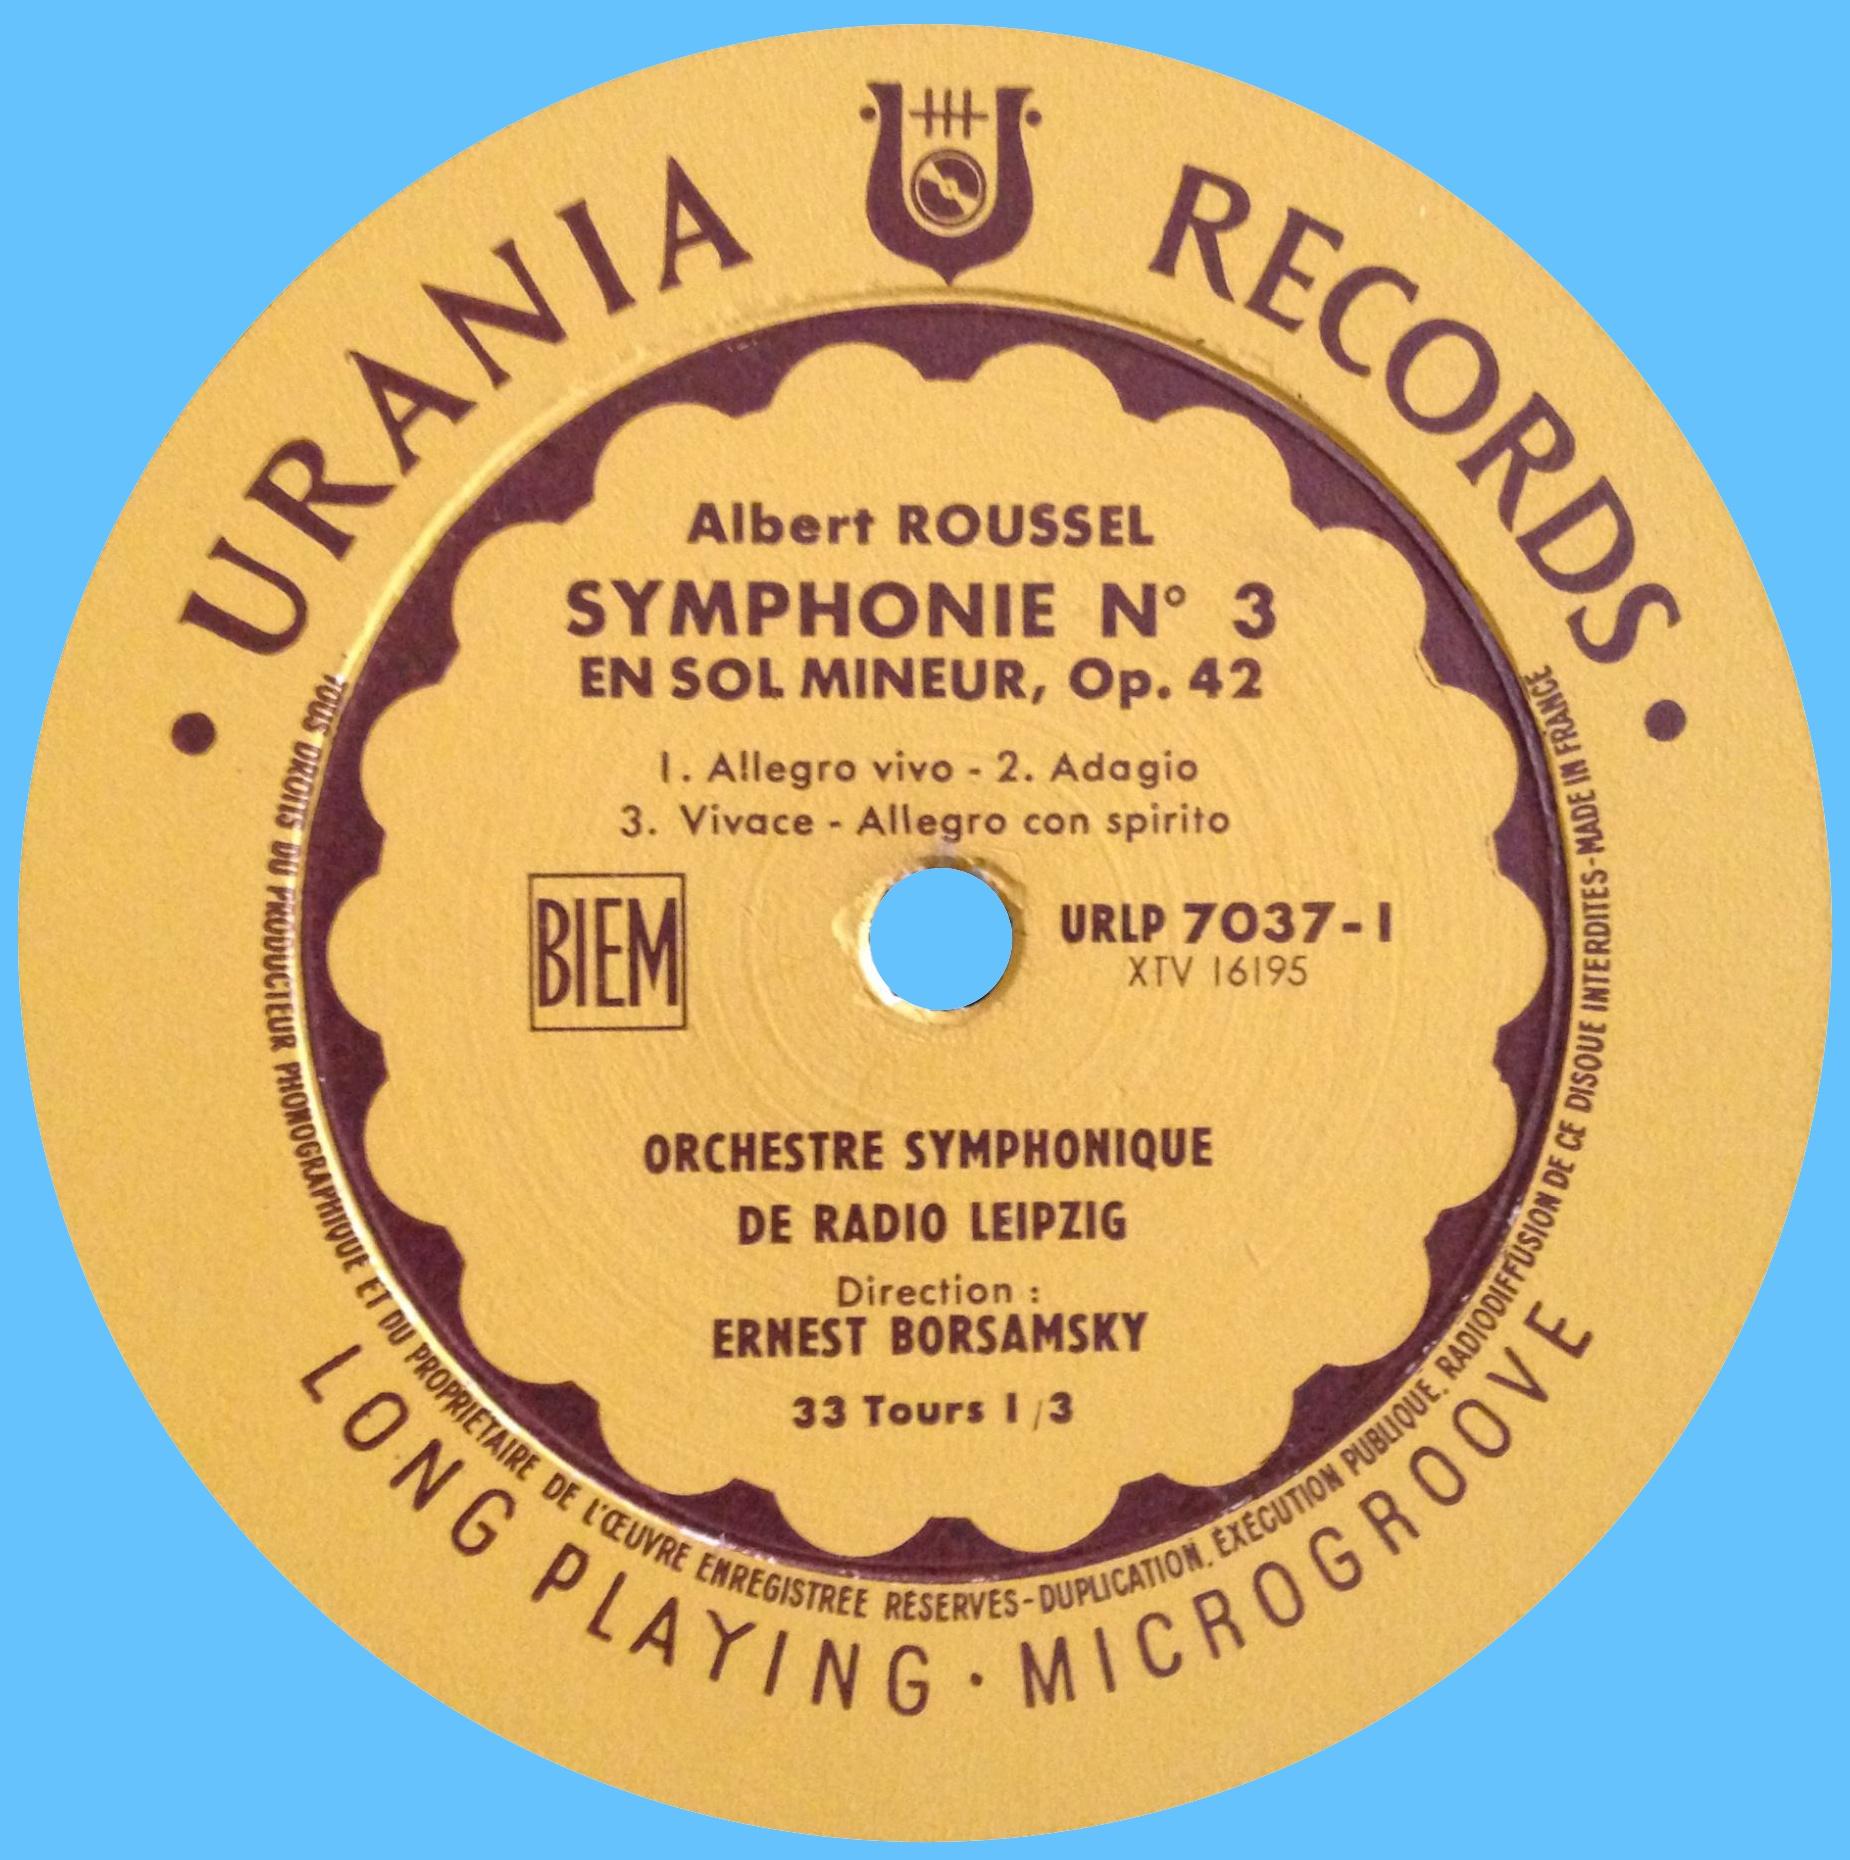 Étiquette recto du disque Urania URLP 7037